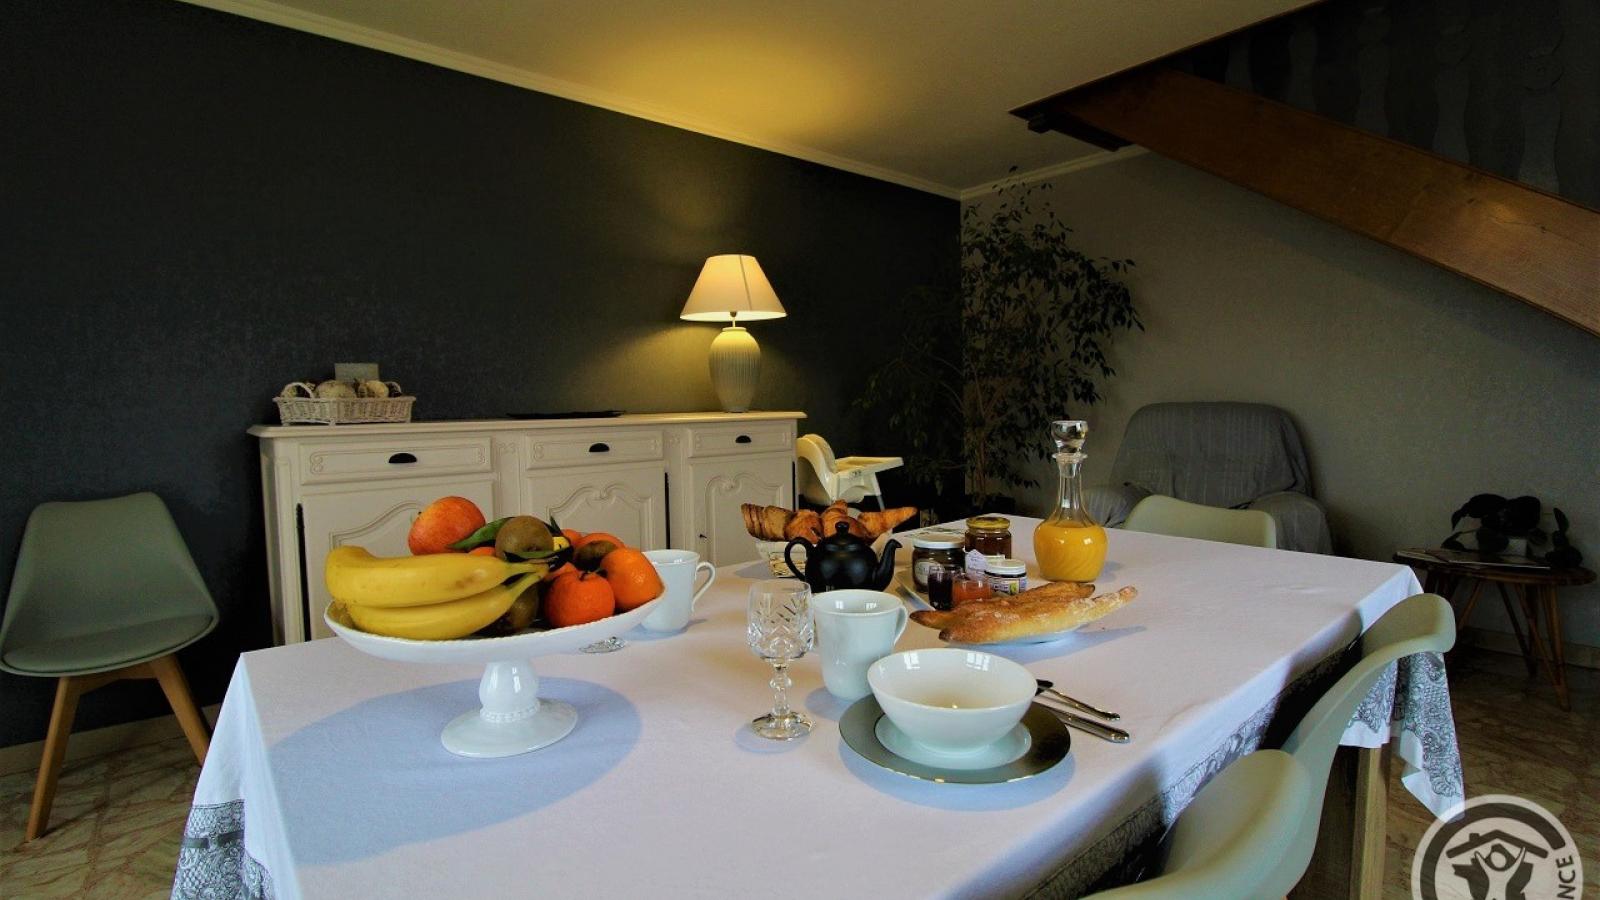 Chambres d'Hôtes 'Au Domaine de Robert' à Fleurie dans le Beaujolais - Rhône : table dressée.